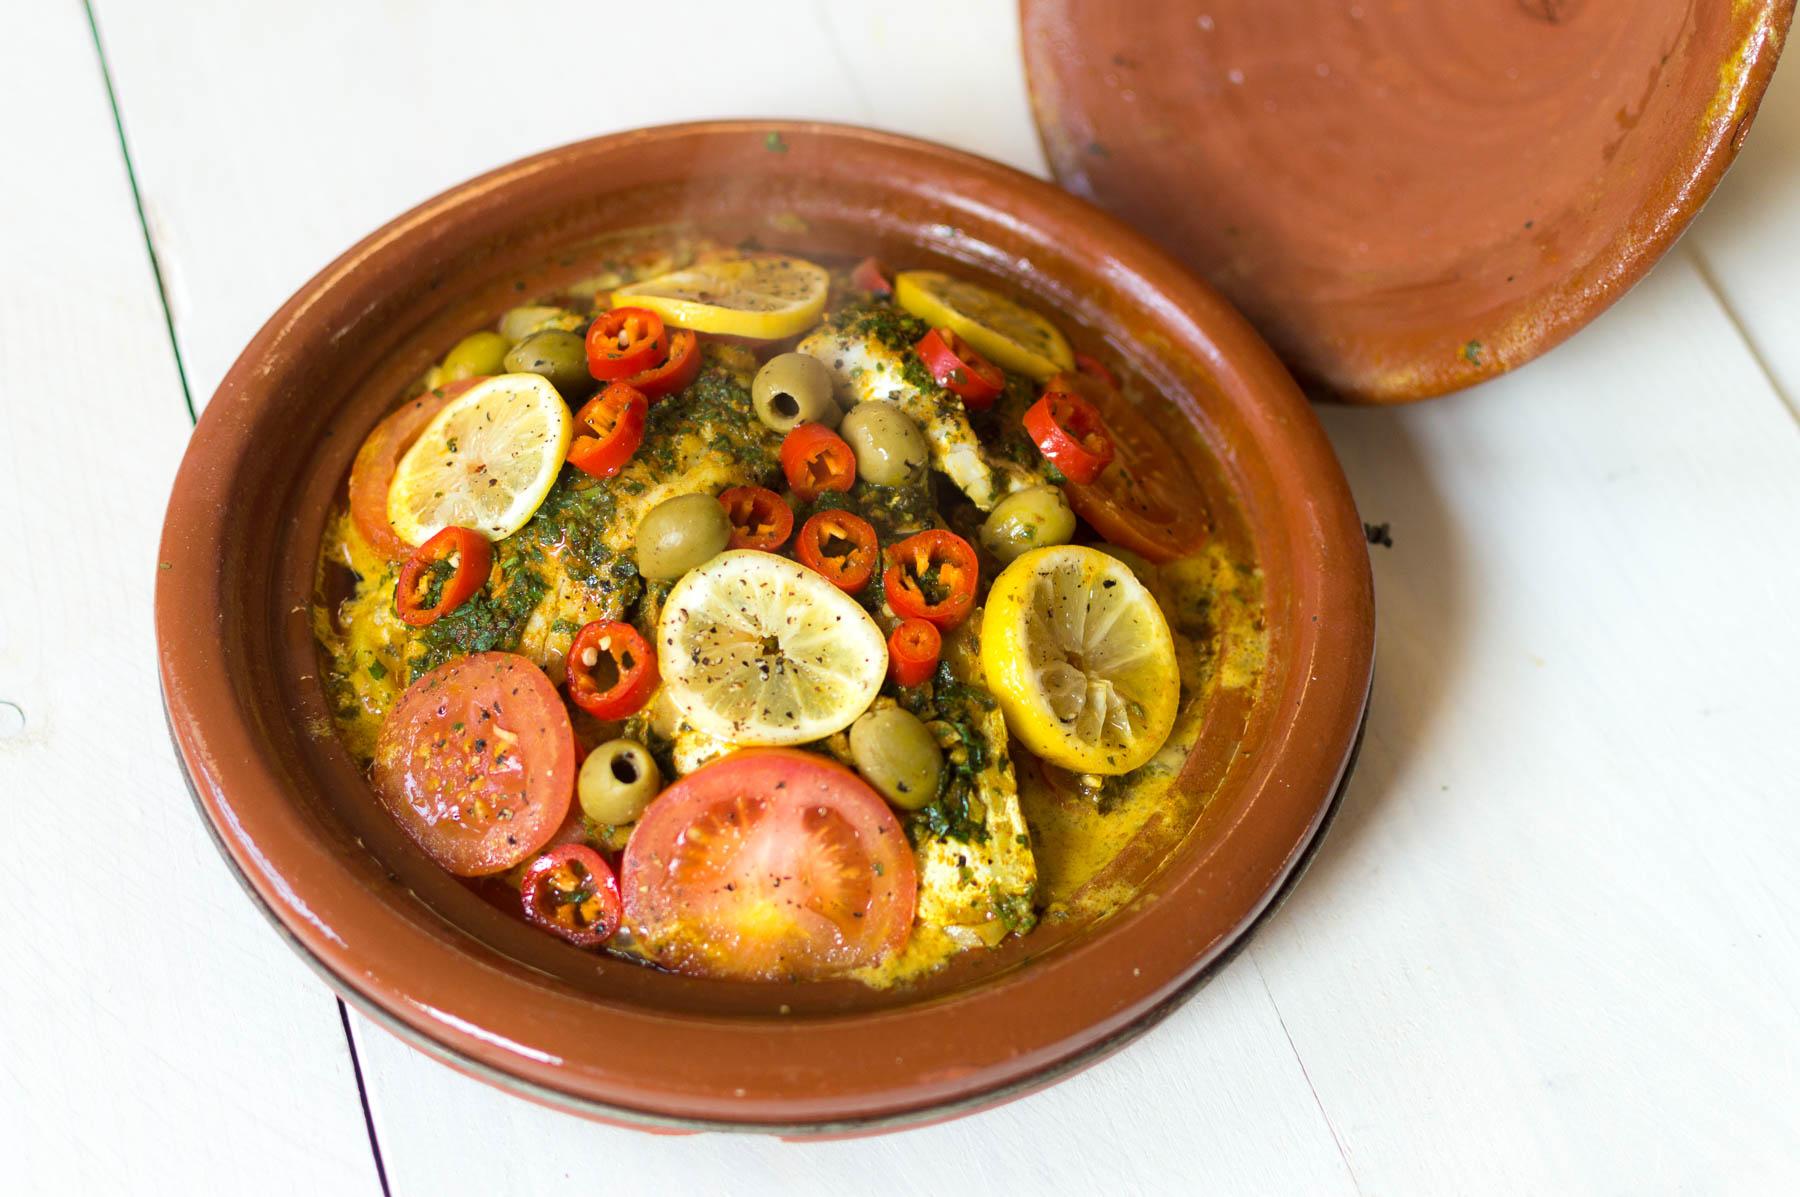 De marokkaanse keuken   de wereld op je bord